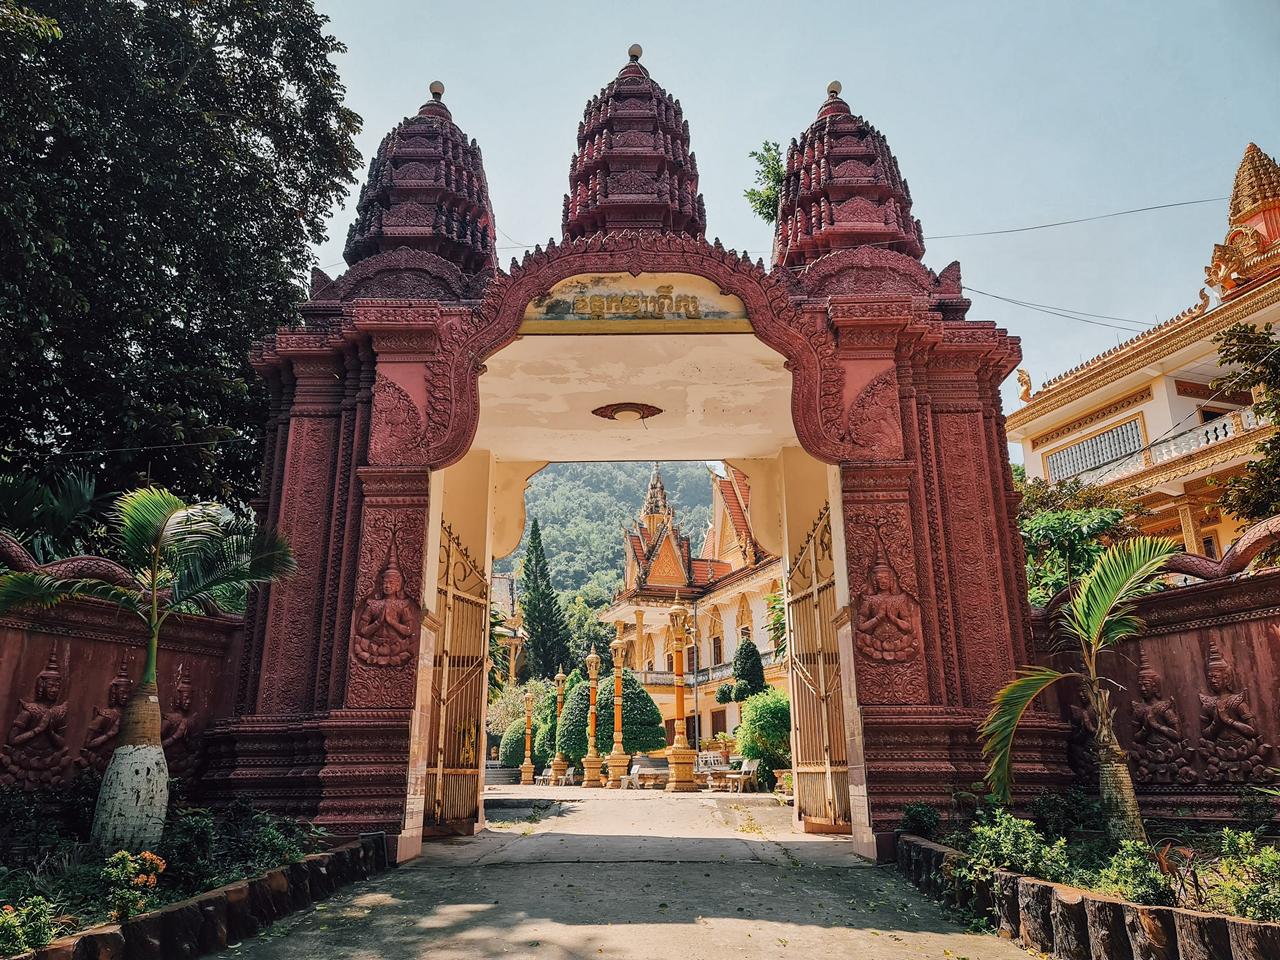 Cổng chùa Ba Thê Photo by Nguyễn Khải Trung